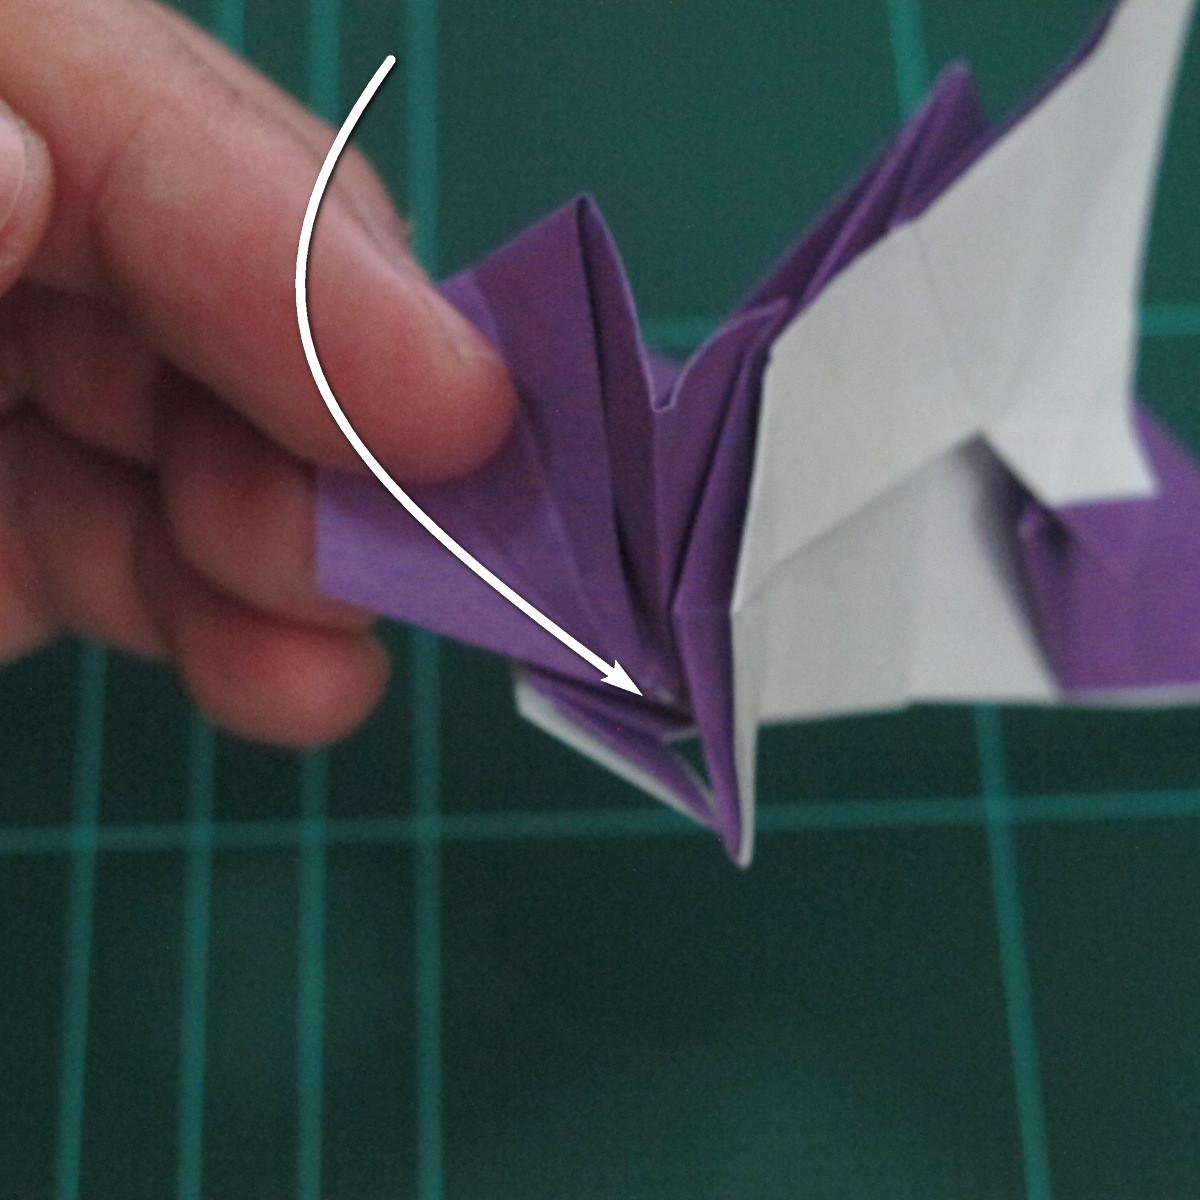 วิธีพับกระดาษเป็นรูปนกอินทรี (Origami Eagle) 029